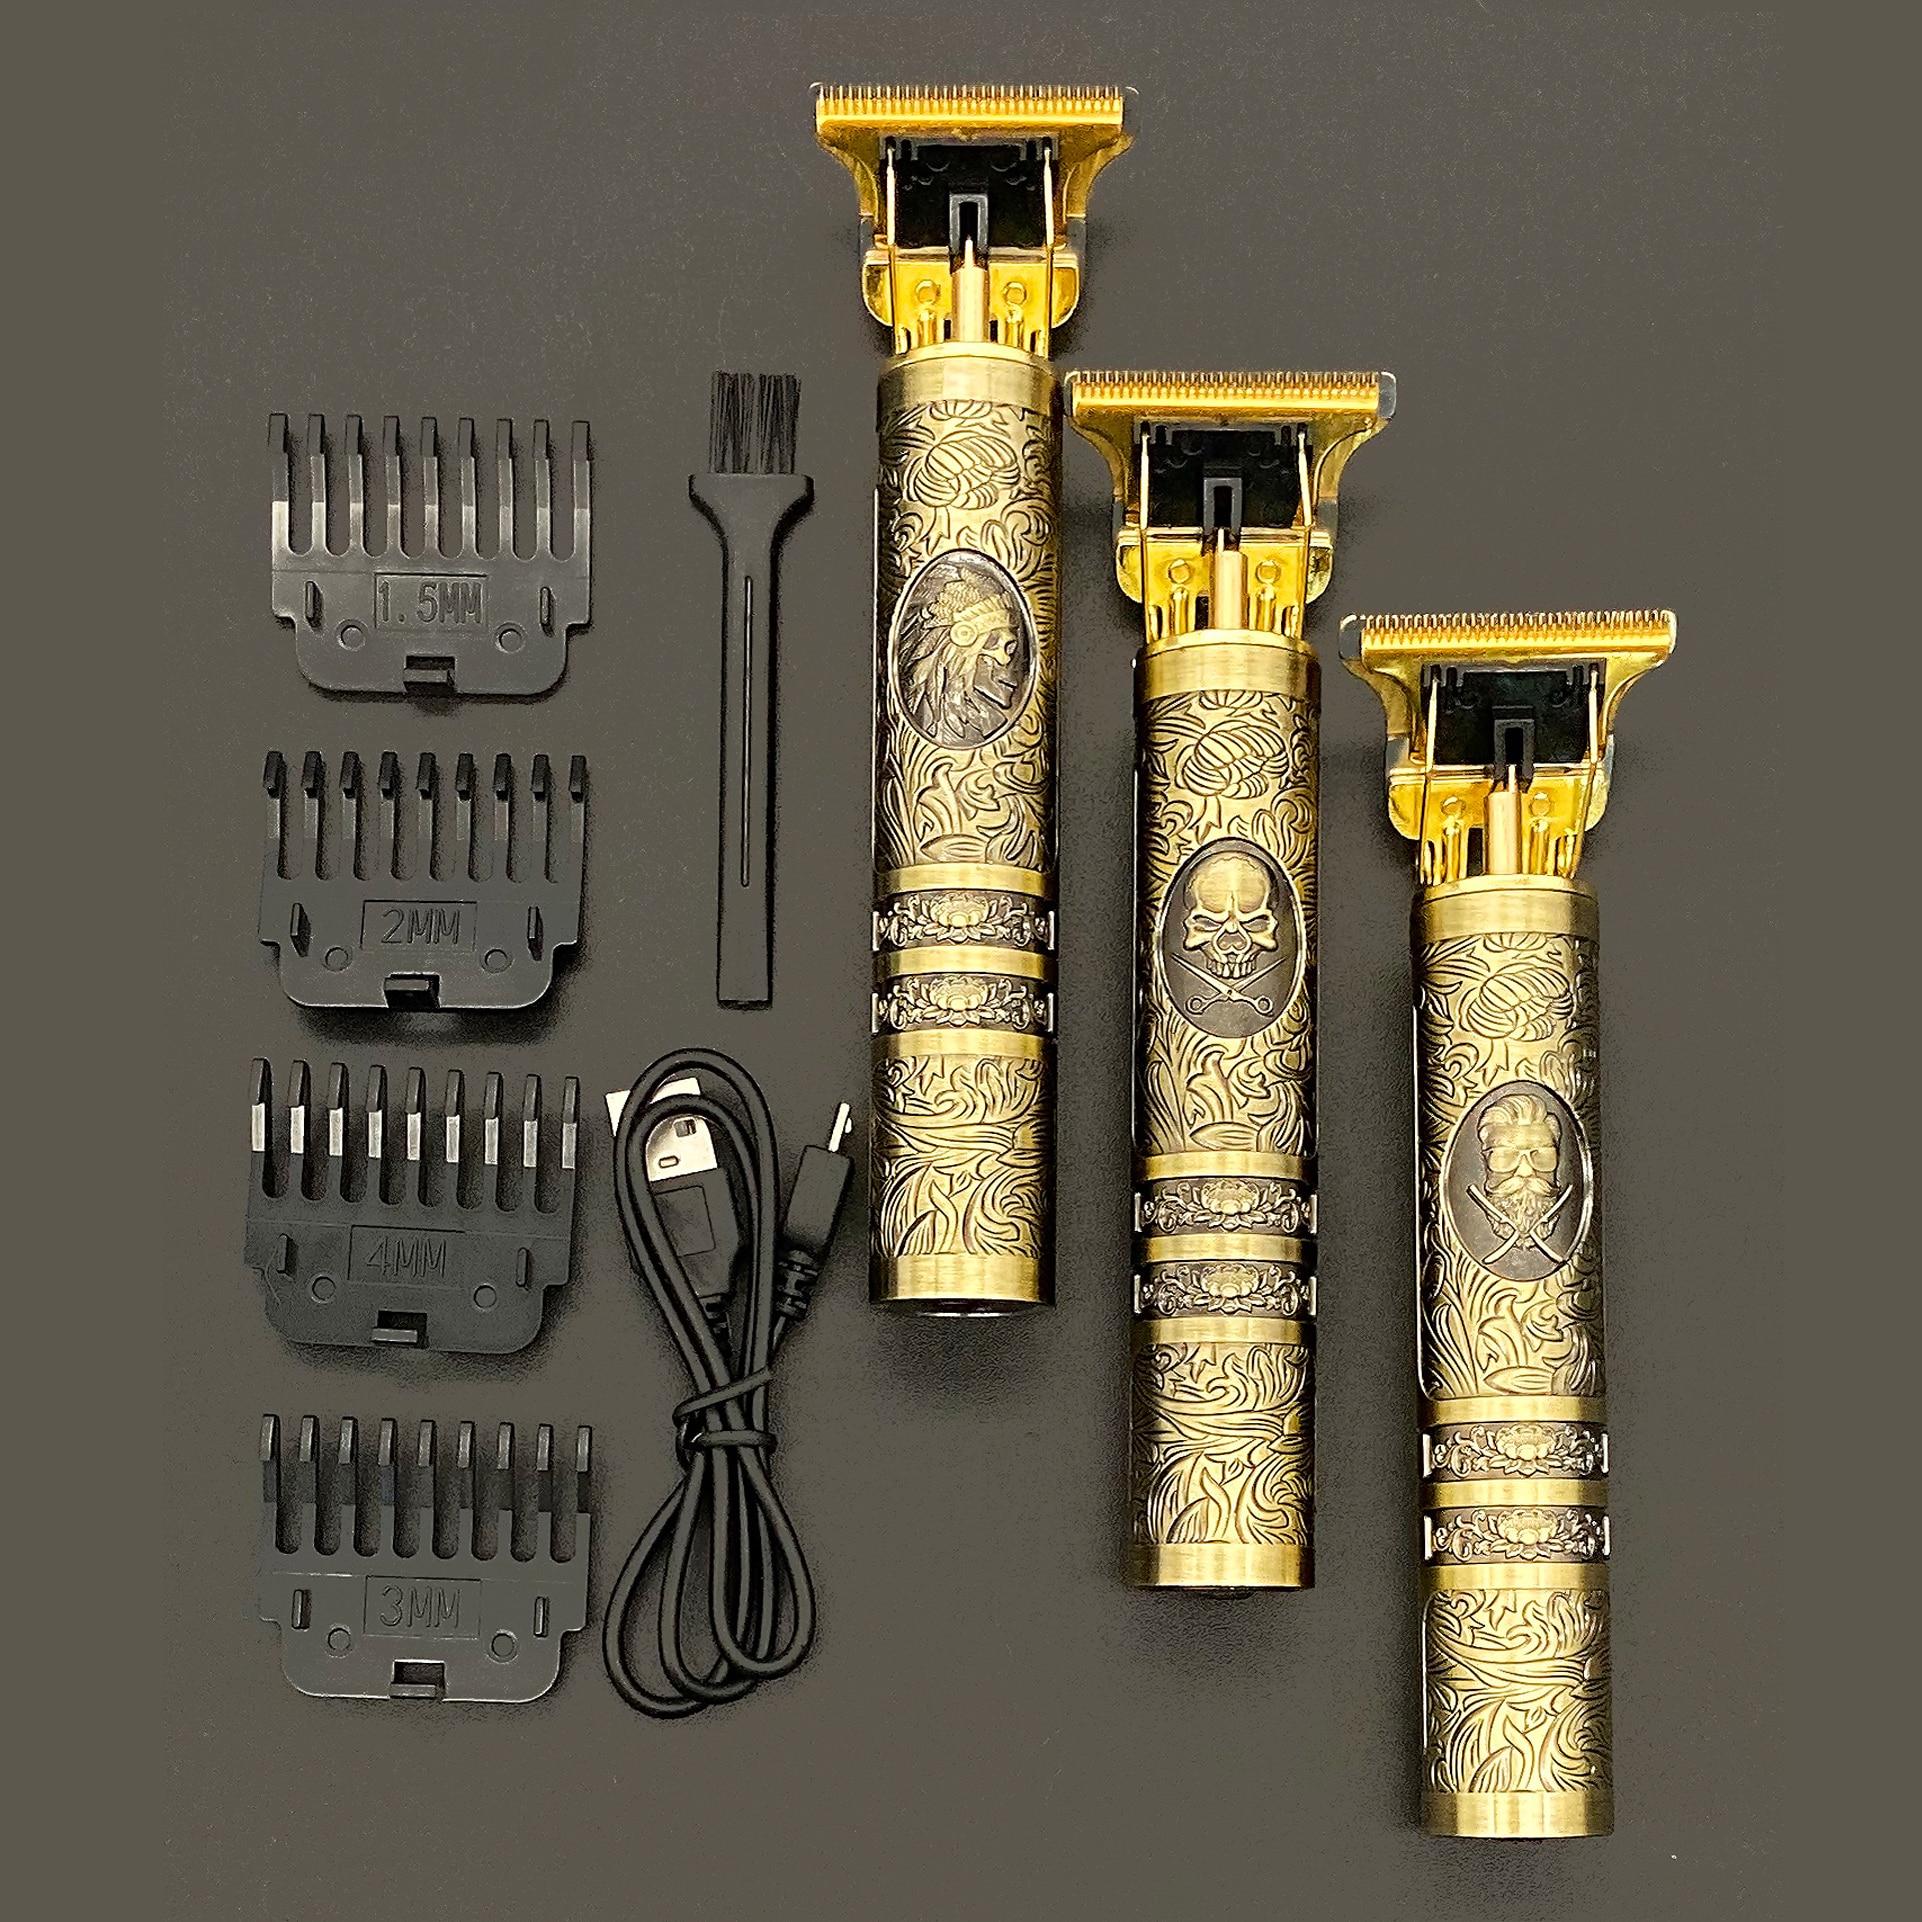 2021 USB T9 قابلة للشحن مقص الشعر الكهربائية الشعر المتقلب اللاسلكي ماكينة حلاقة المتقلب 0 مللي متر الرجال الحلاق آلة قص الشعر للرجال